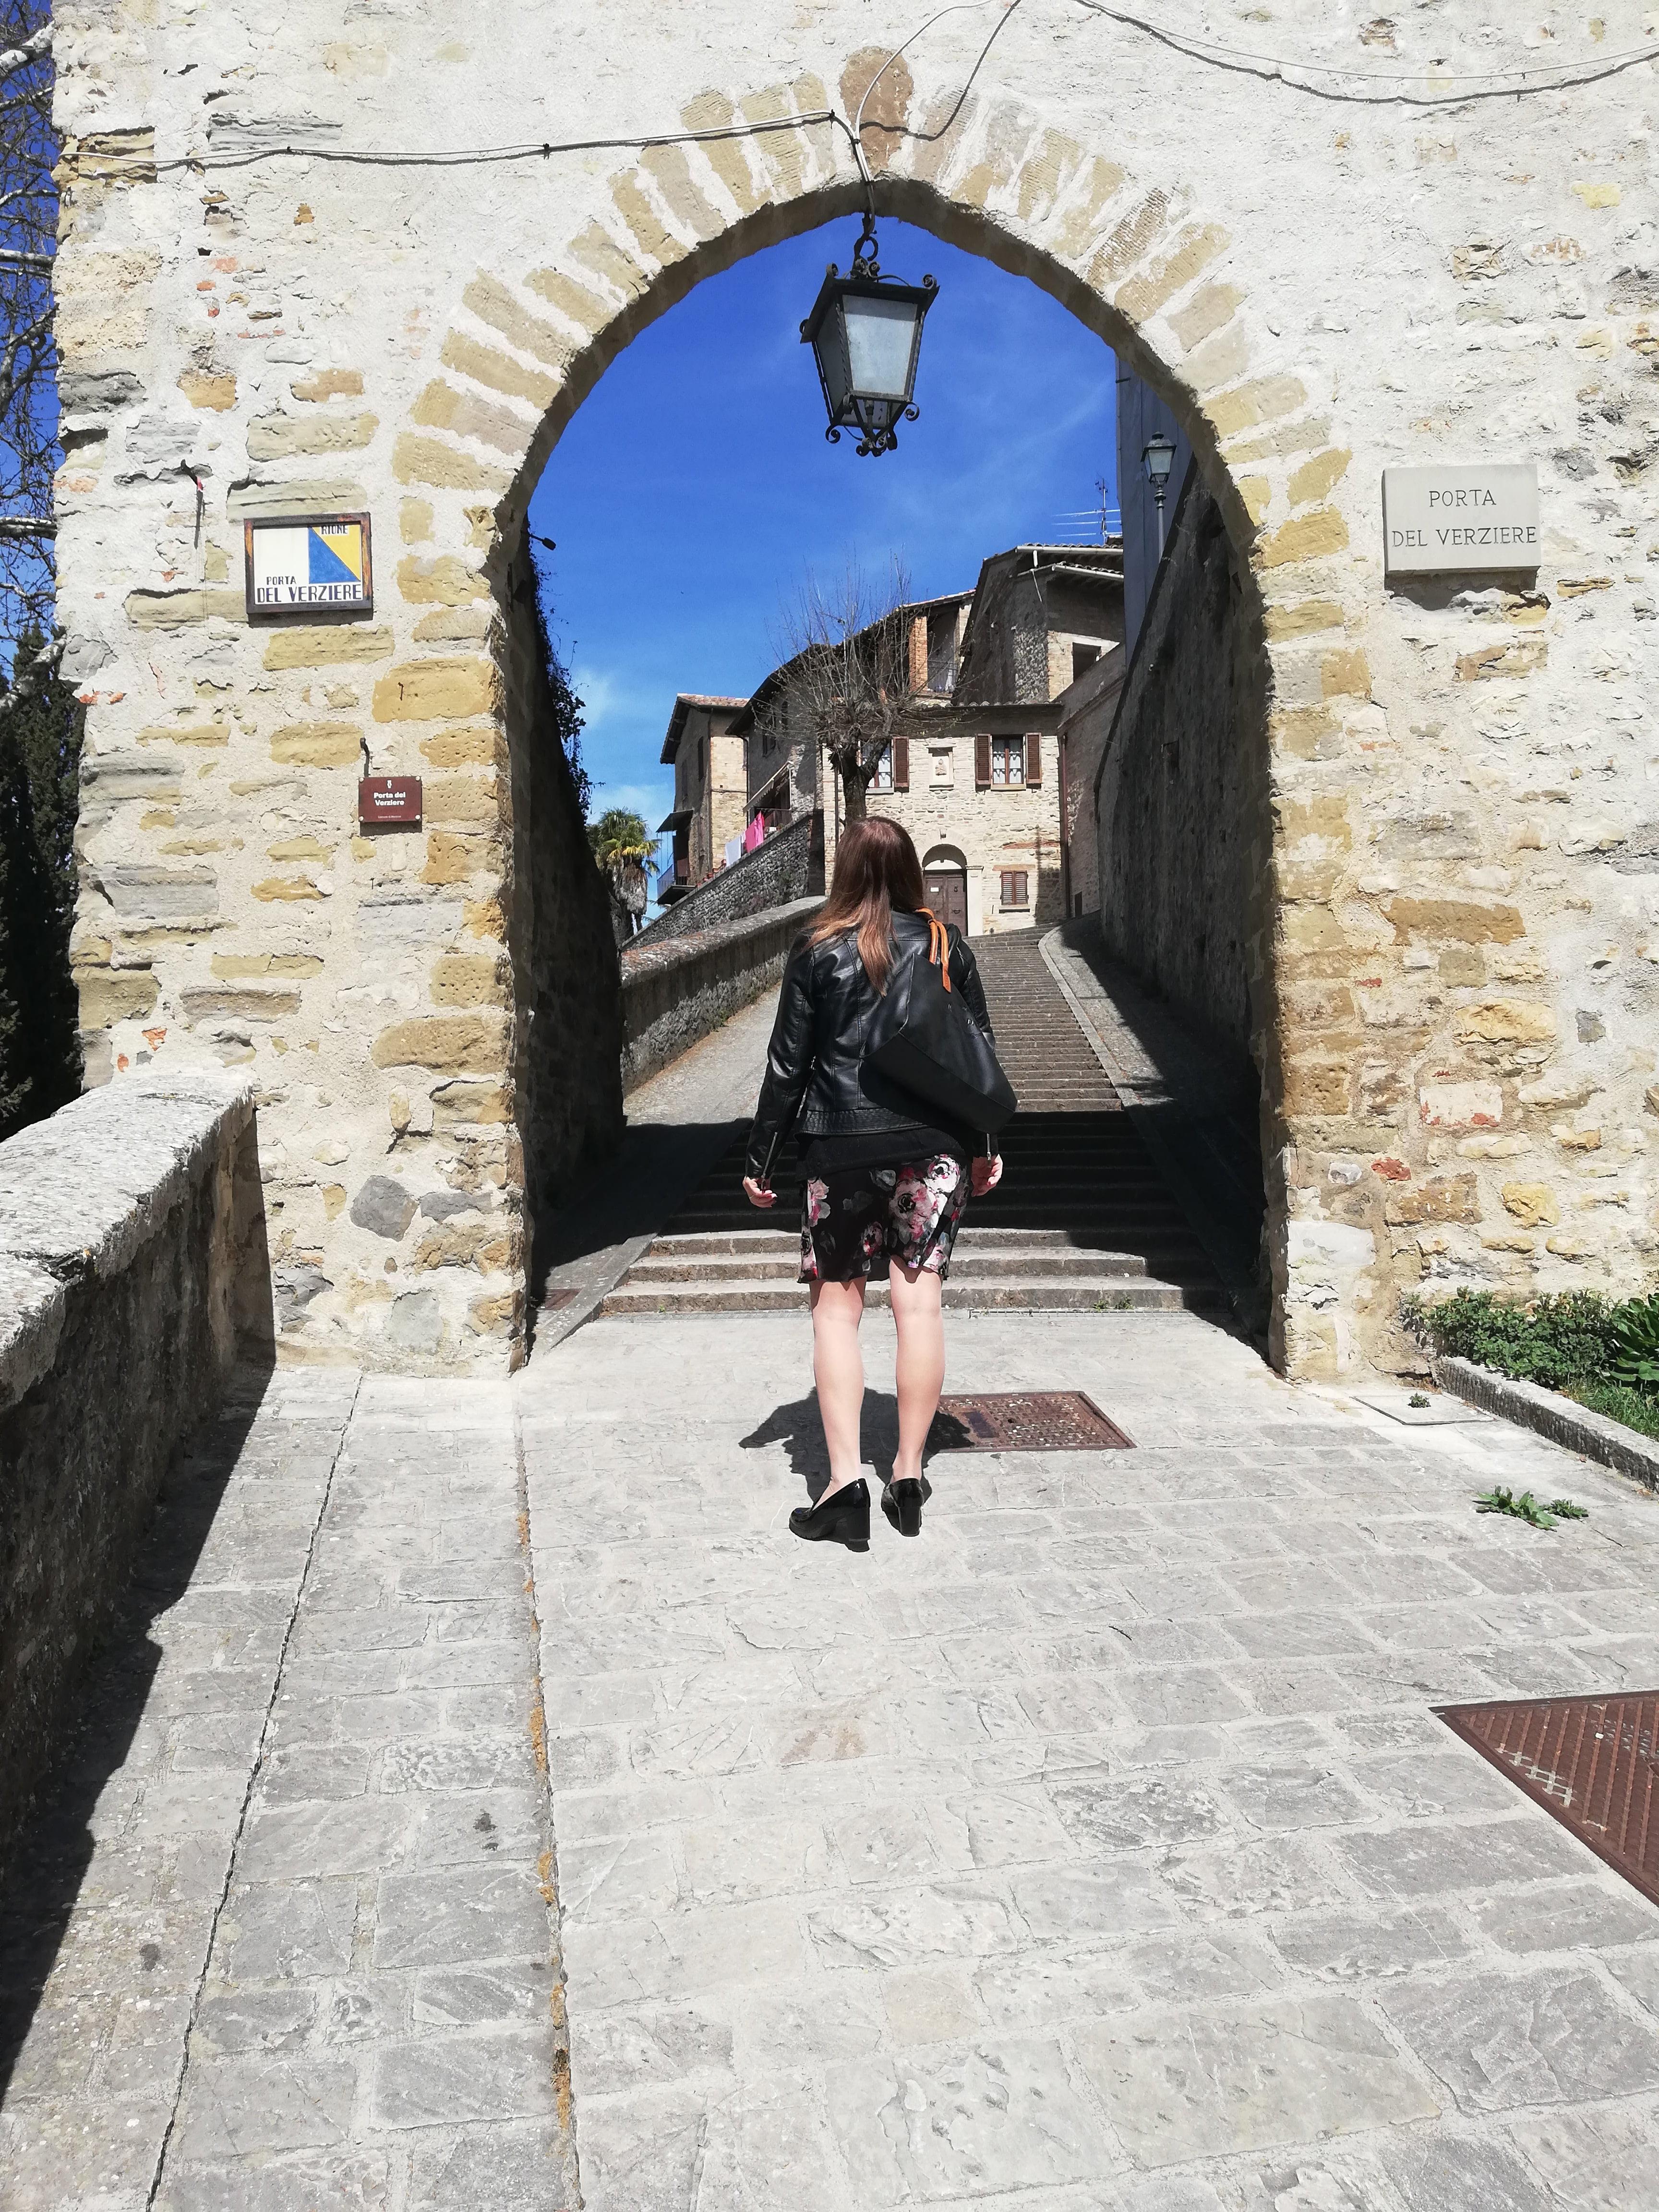 Porta Borgo Vecchio, Montone